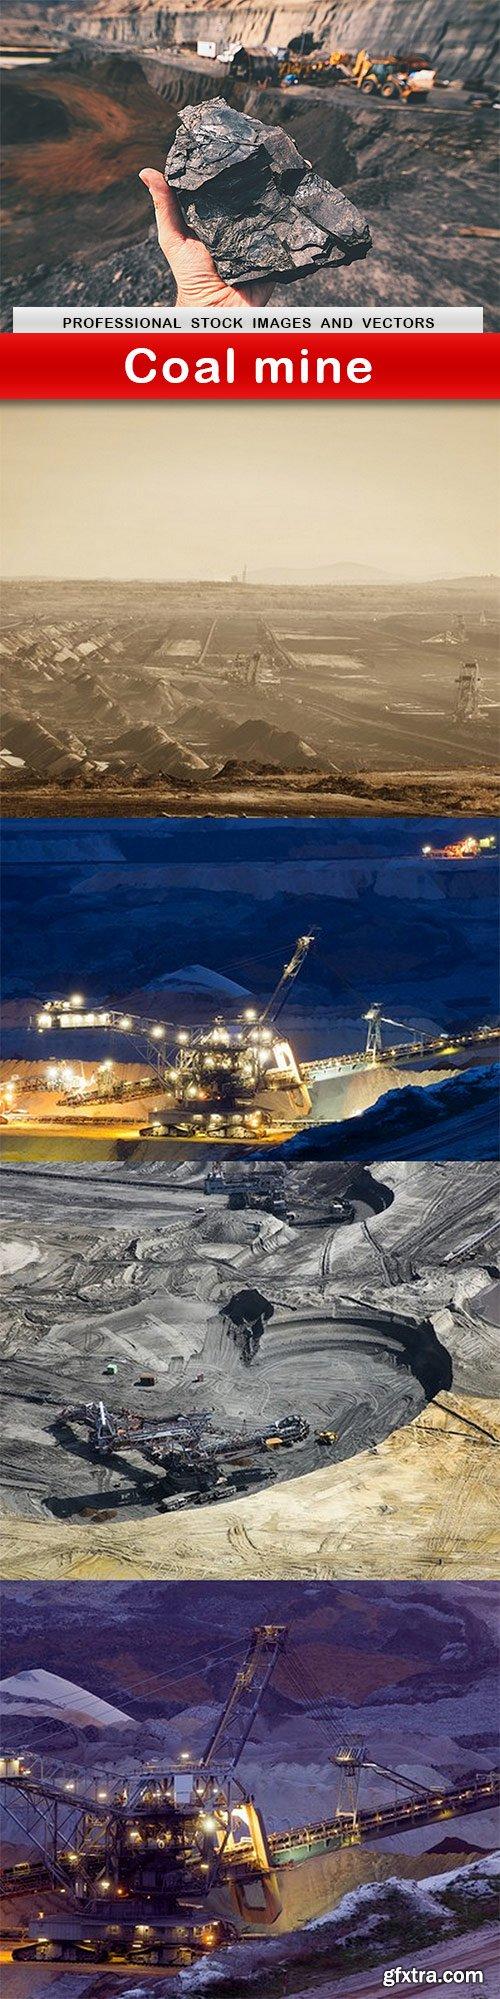 Coal mine - 5 UHQ JPEG